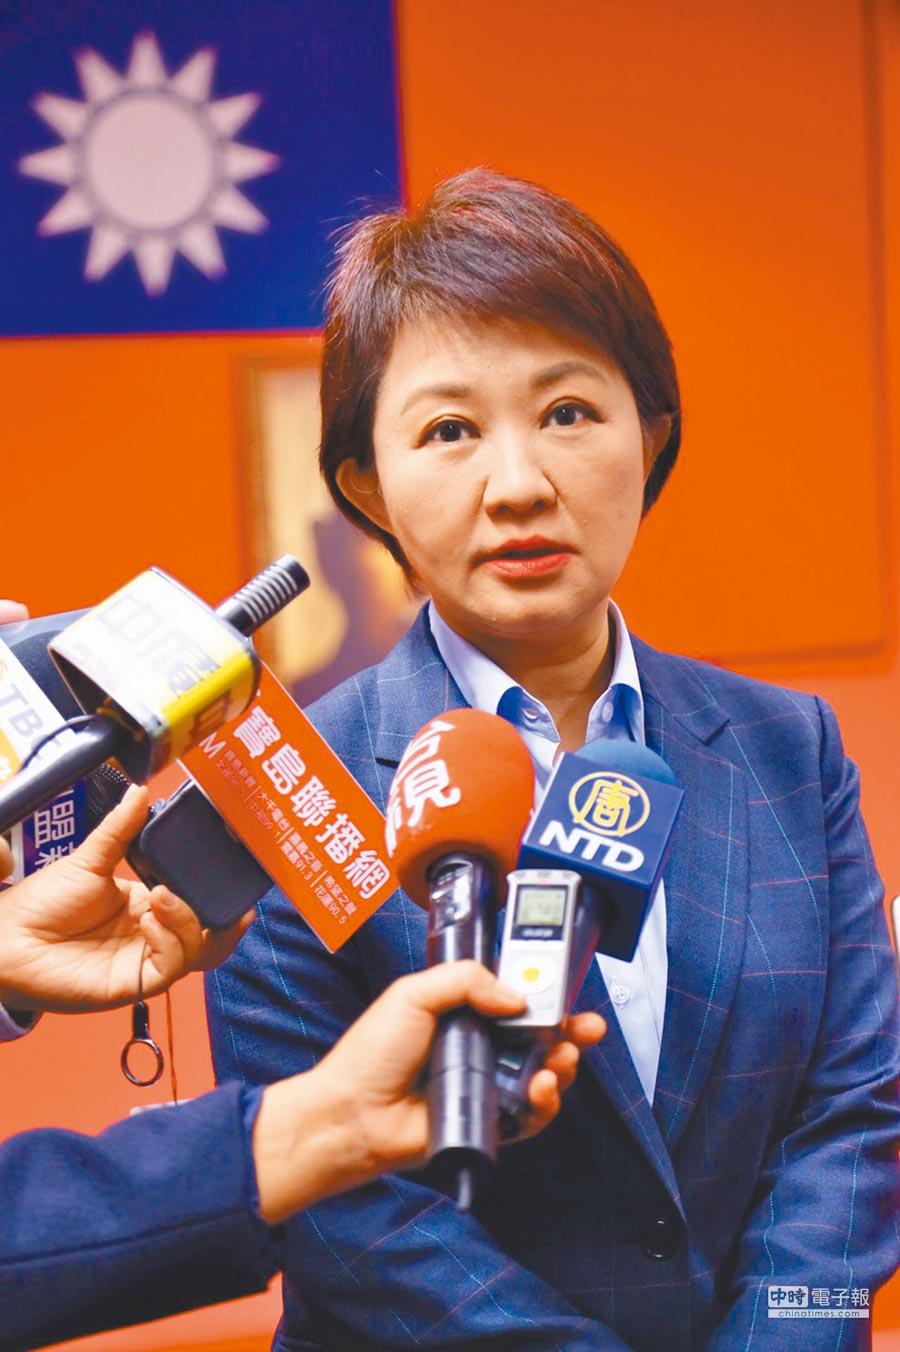 台中市長盧秀燕承諾,今年一定恢復老人健保補助,並視財源籌措提早上路。(盧金足攝)